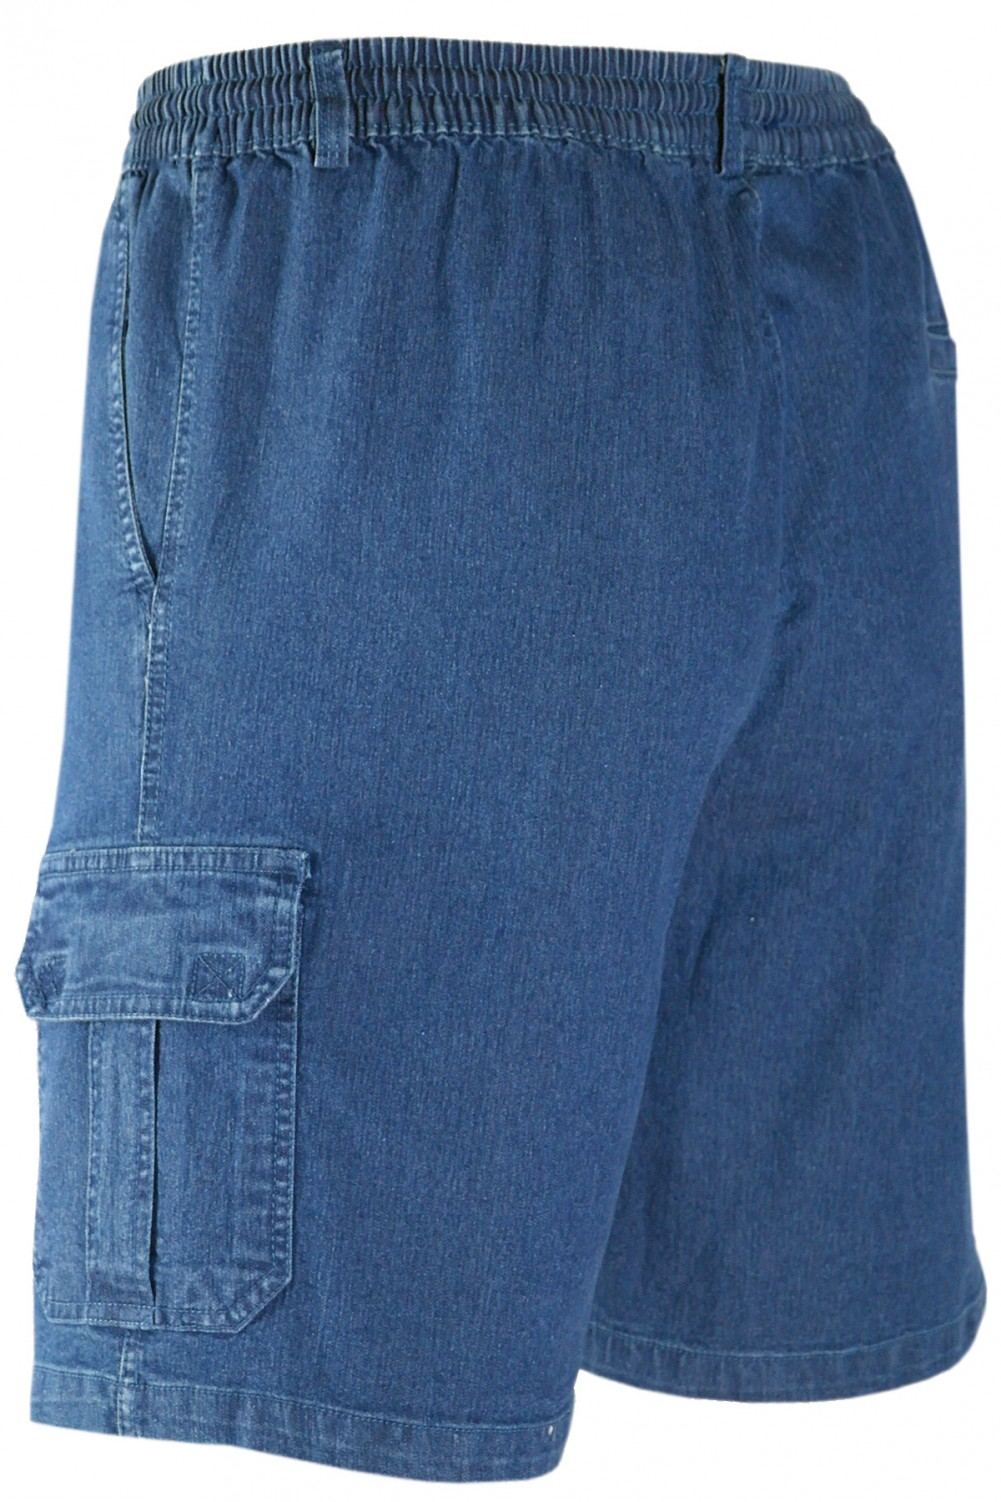 Herren Schlupf-Jeans Shorts kurze Hose aus Stretch Baumwolle - Blue